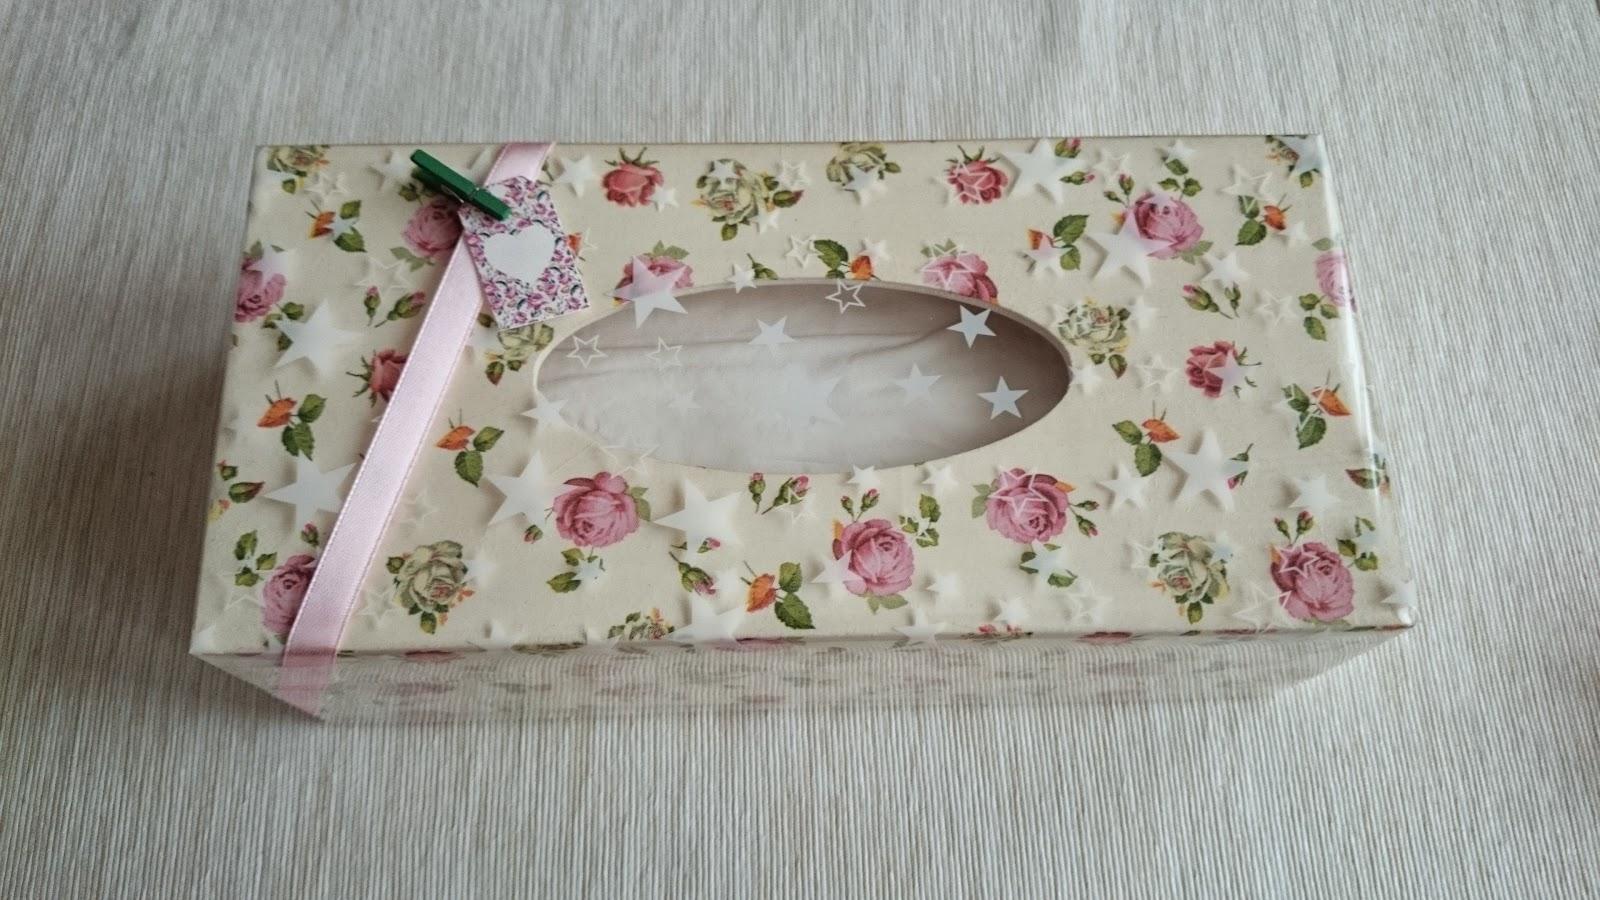 Un rinkon de mi mundo cajas decoradas de pa uelos y - Cajas decoradas a mano ...